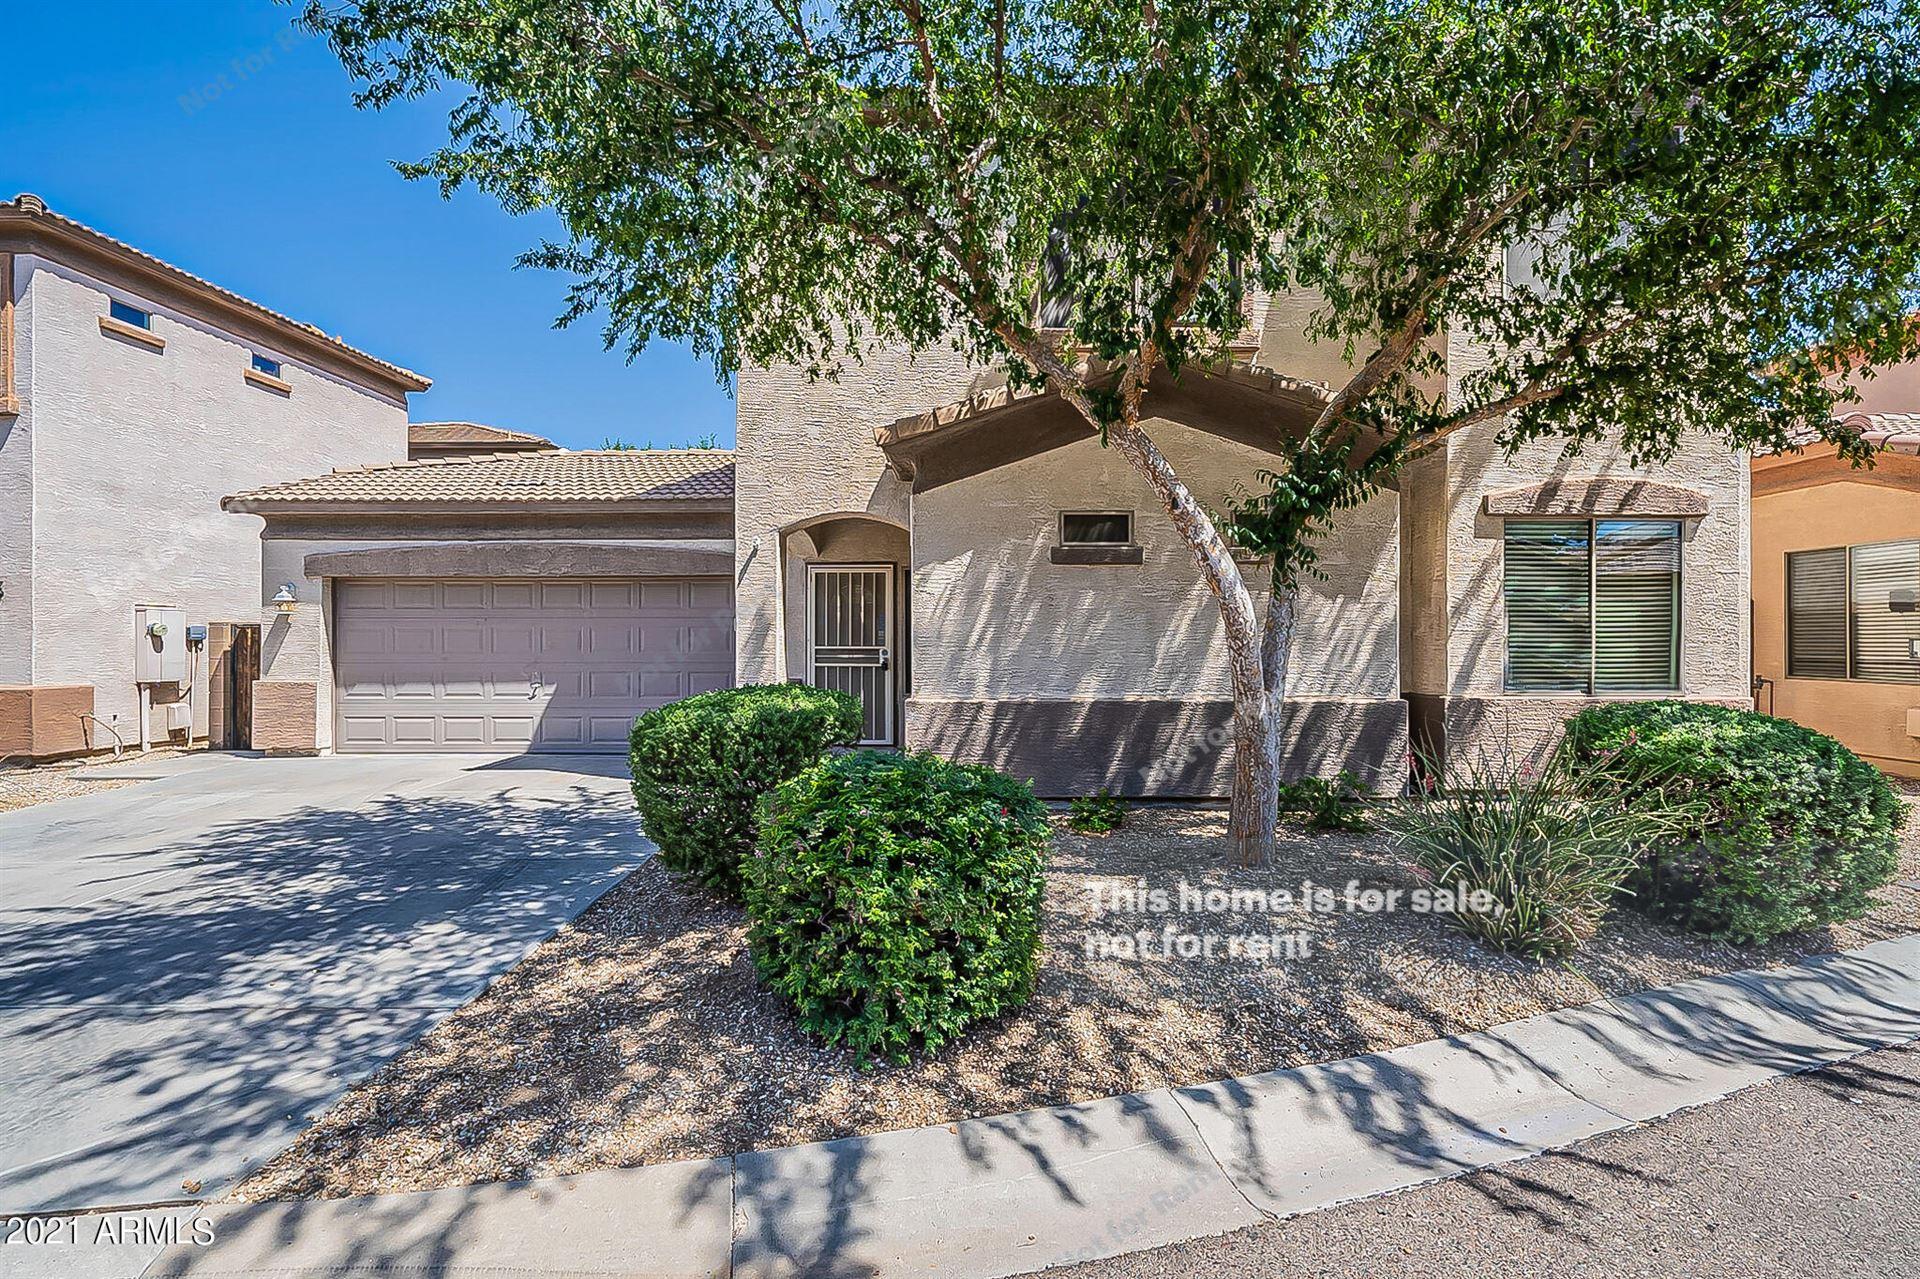 3544 W KATHLEEN Road, Phoenix, AZ 85053 - MLS#: 6236365